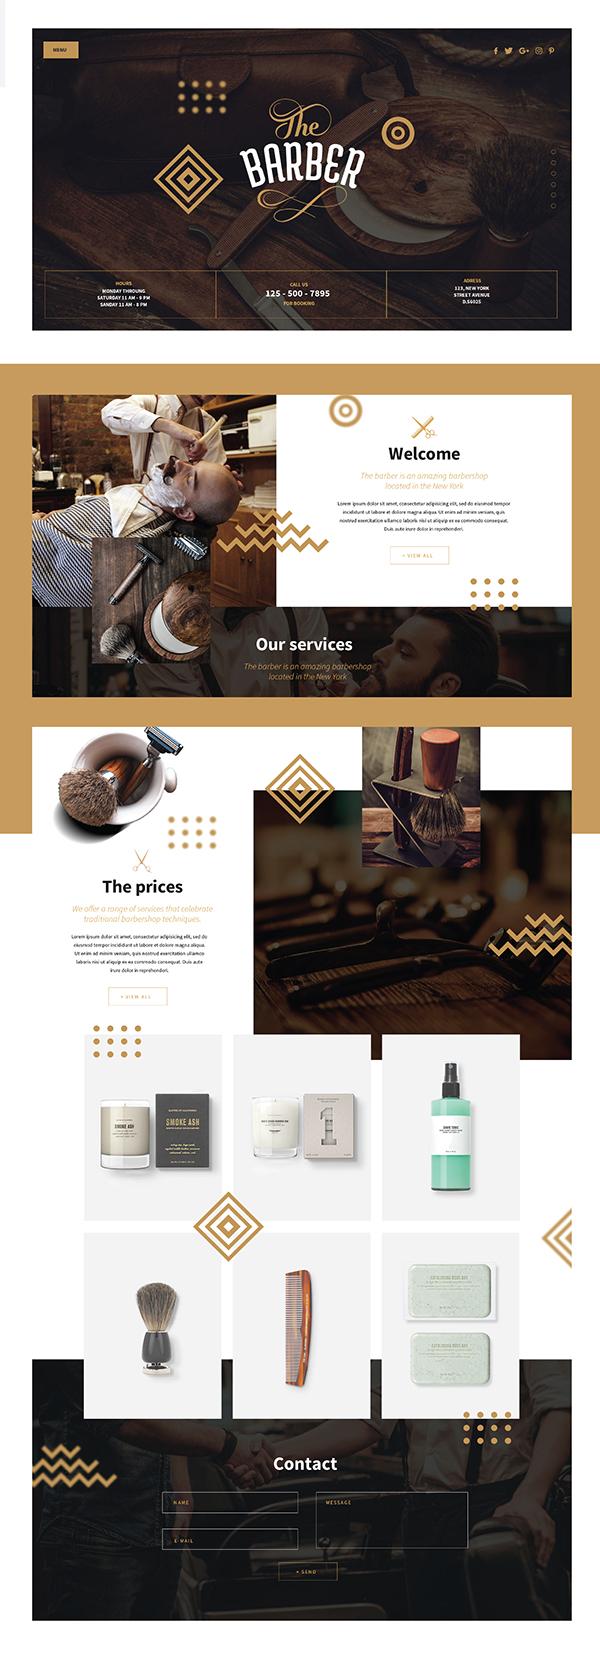 barber shop template psd download on student show. Black Bedroom Furniture Sets. Home Design Ideas